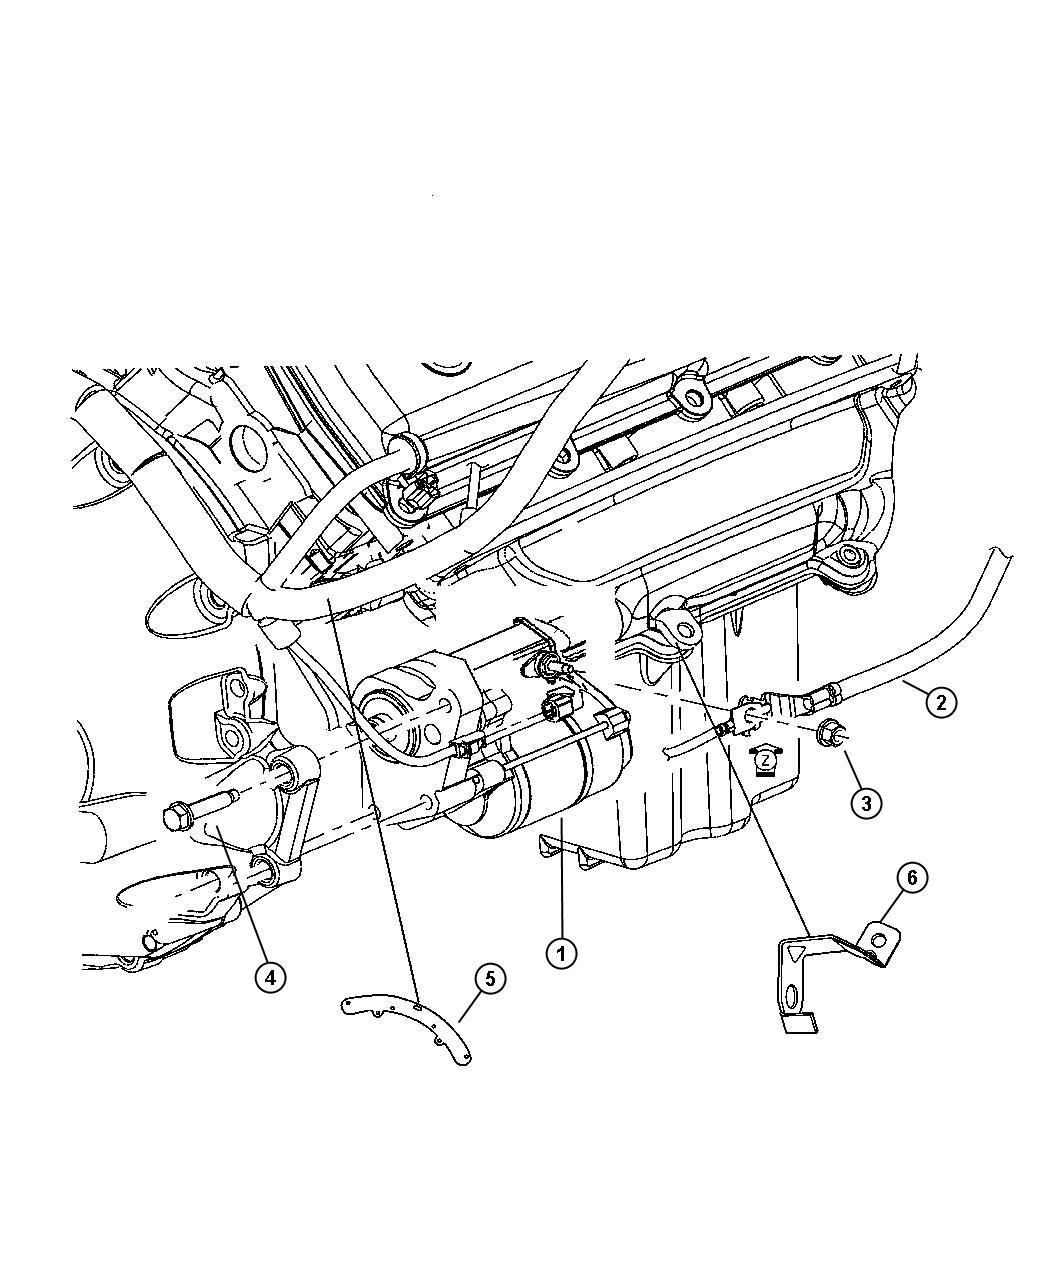 Magnum 5 9 Starter Wiring Diagram